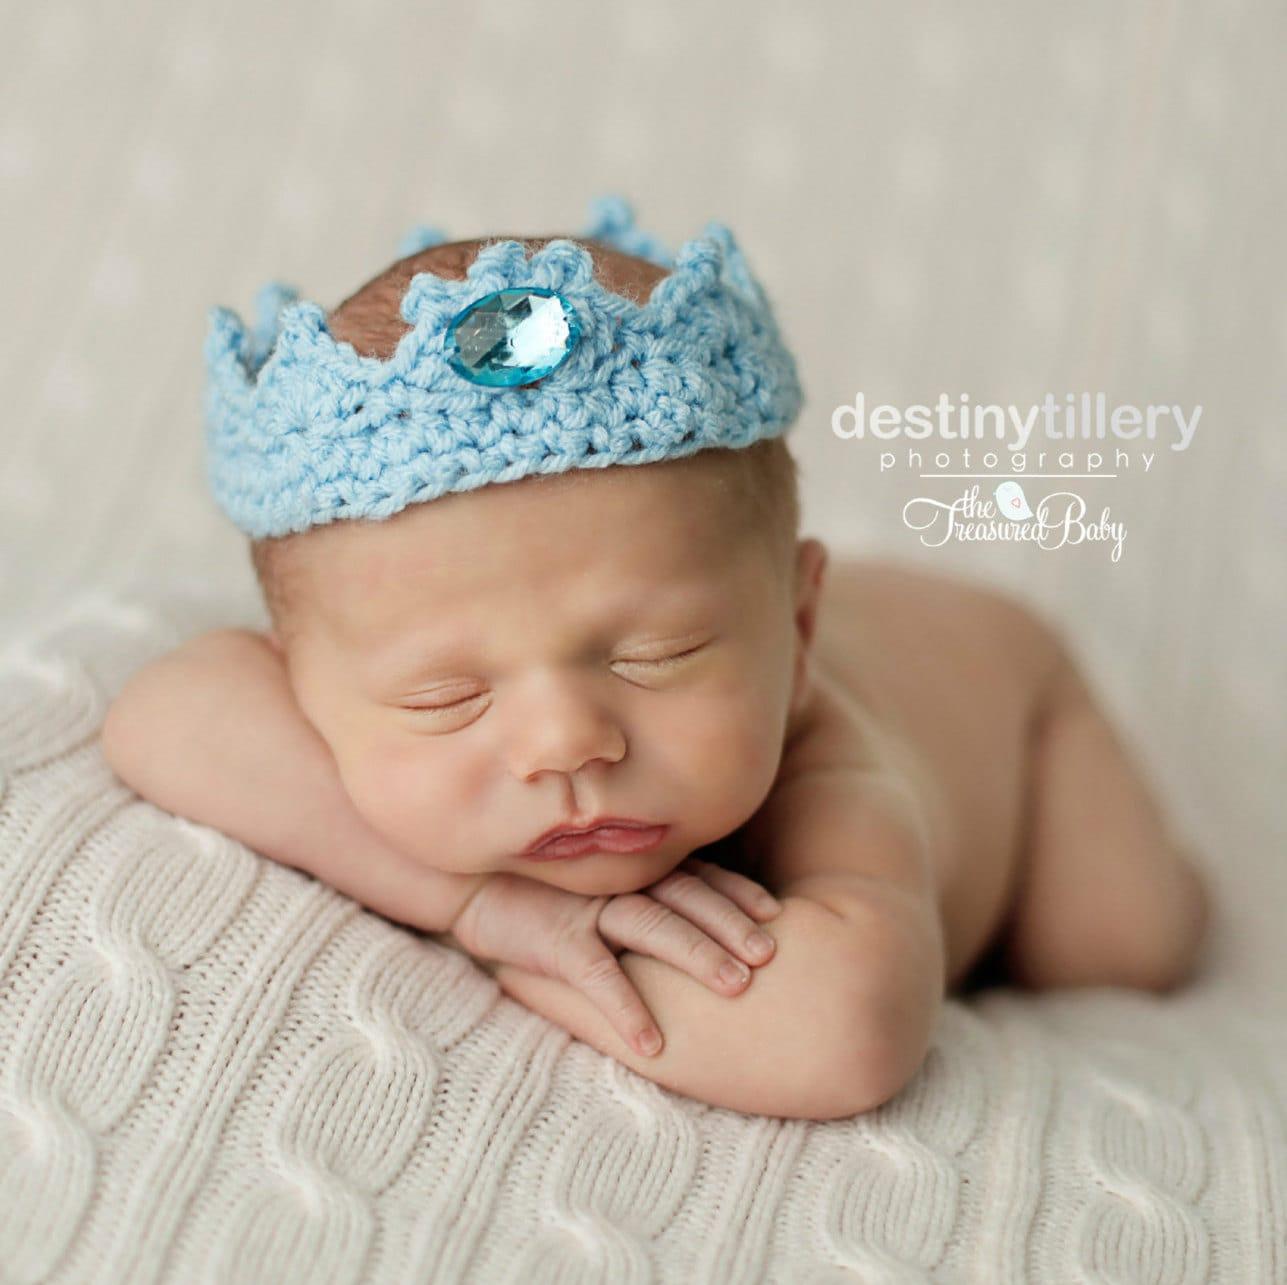 Baby häkeln Krone Neugeborene Prinz Krone ersten Geburtstag